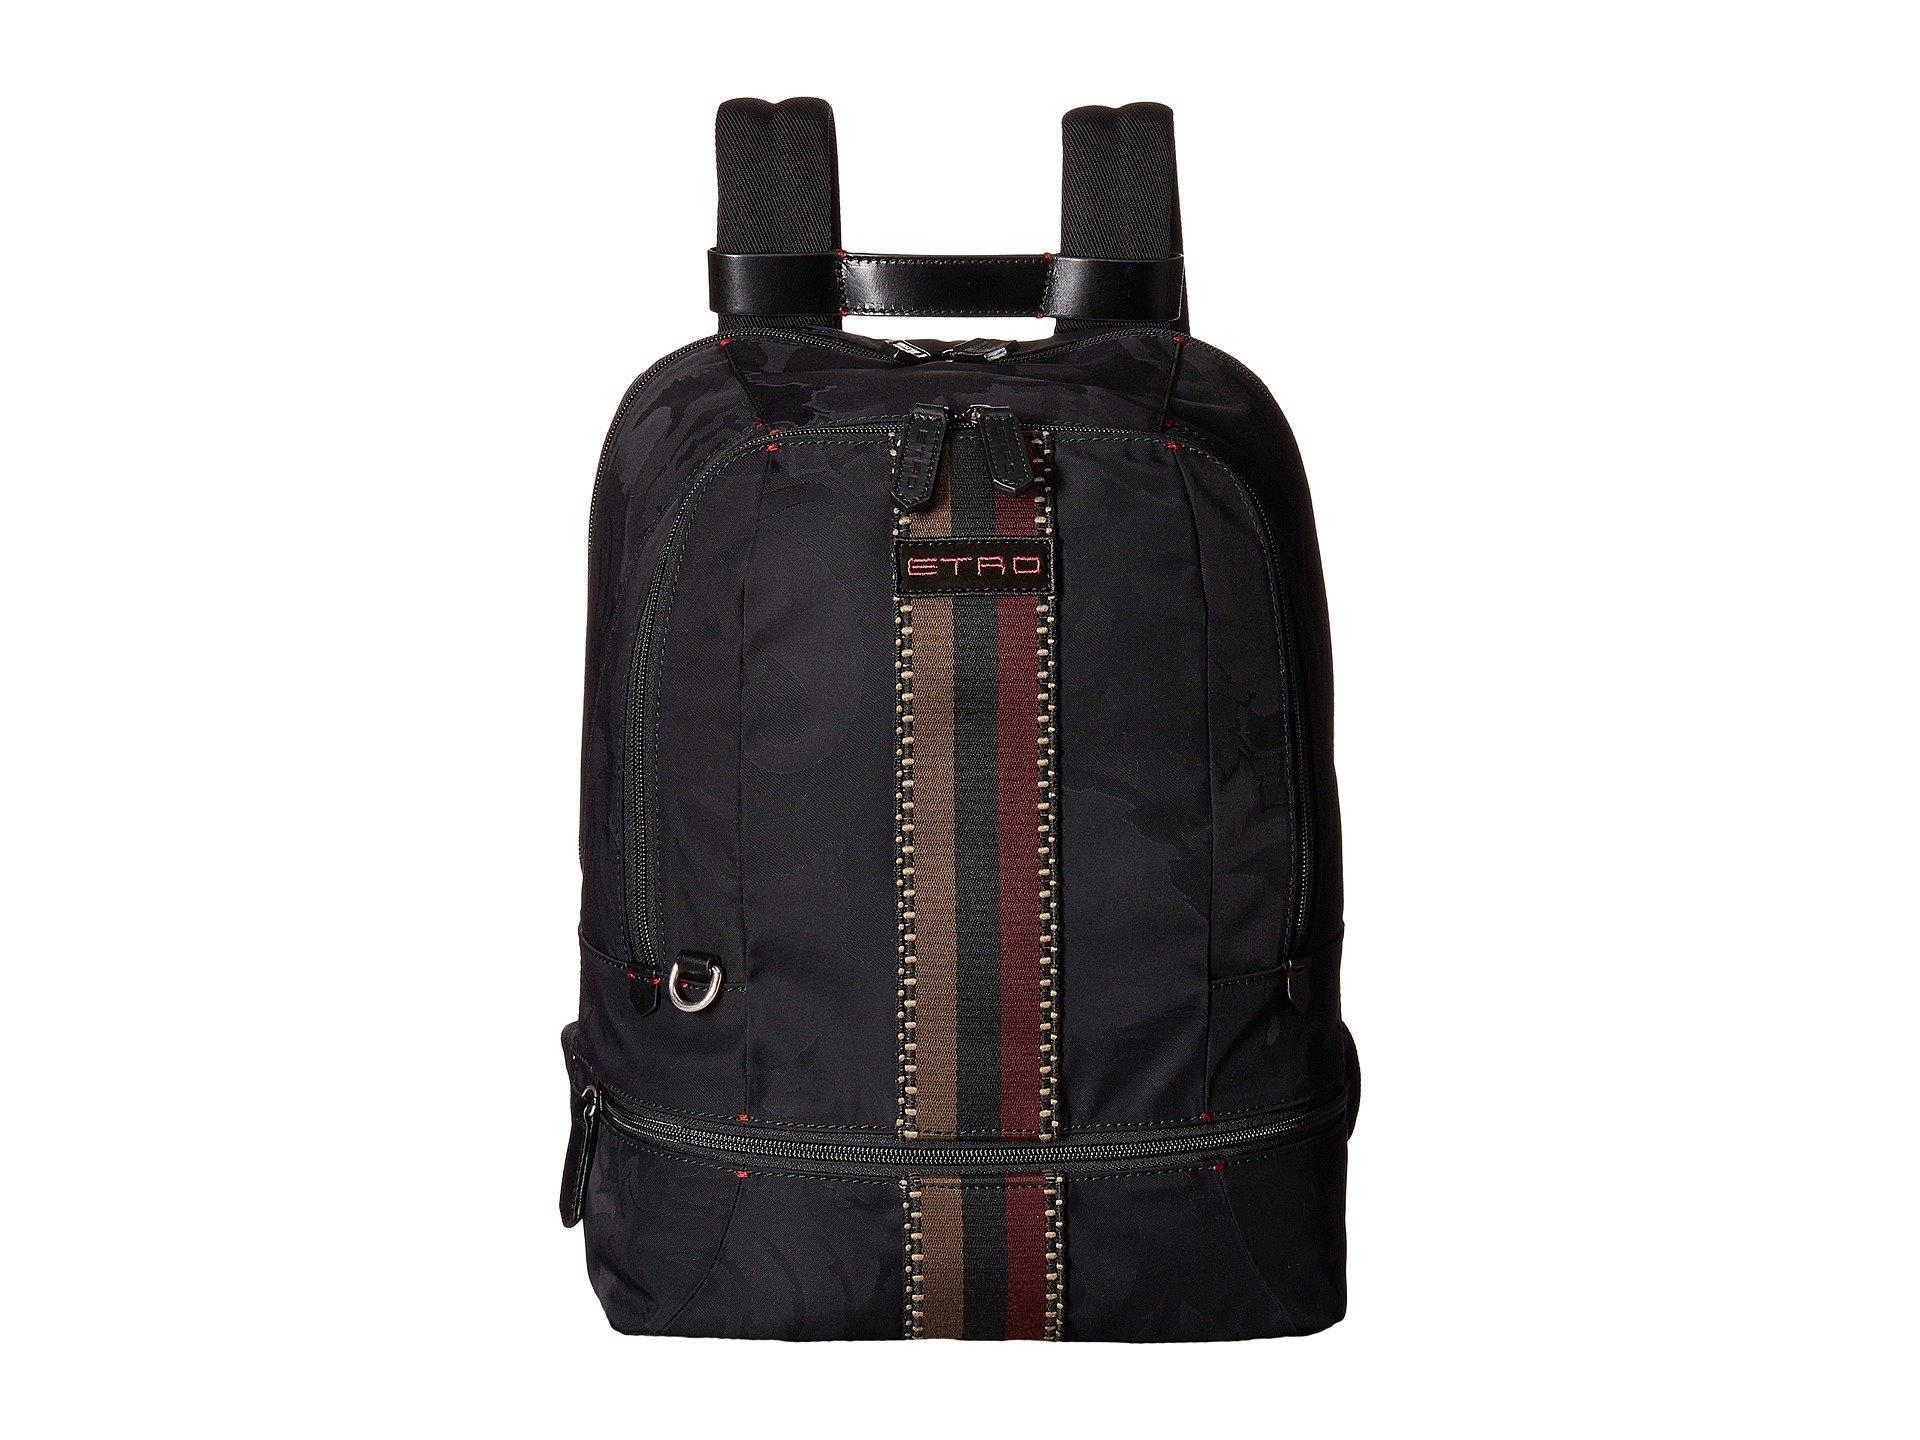 Backpacks - Surf Backpacks - Bike Backpacks | Dakine